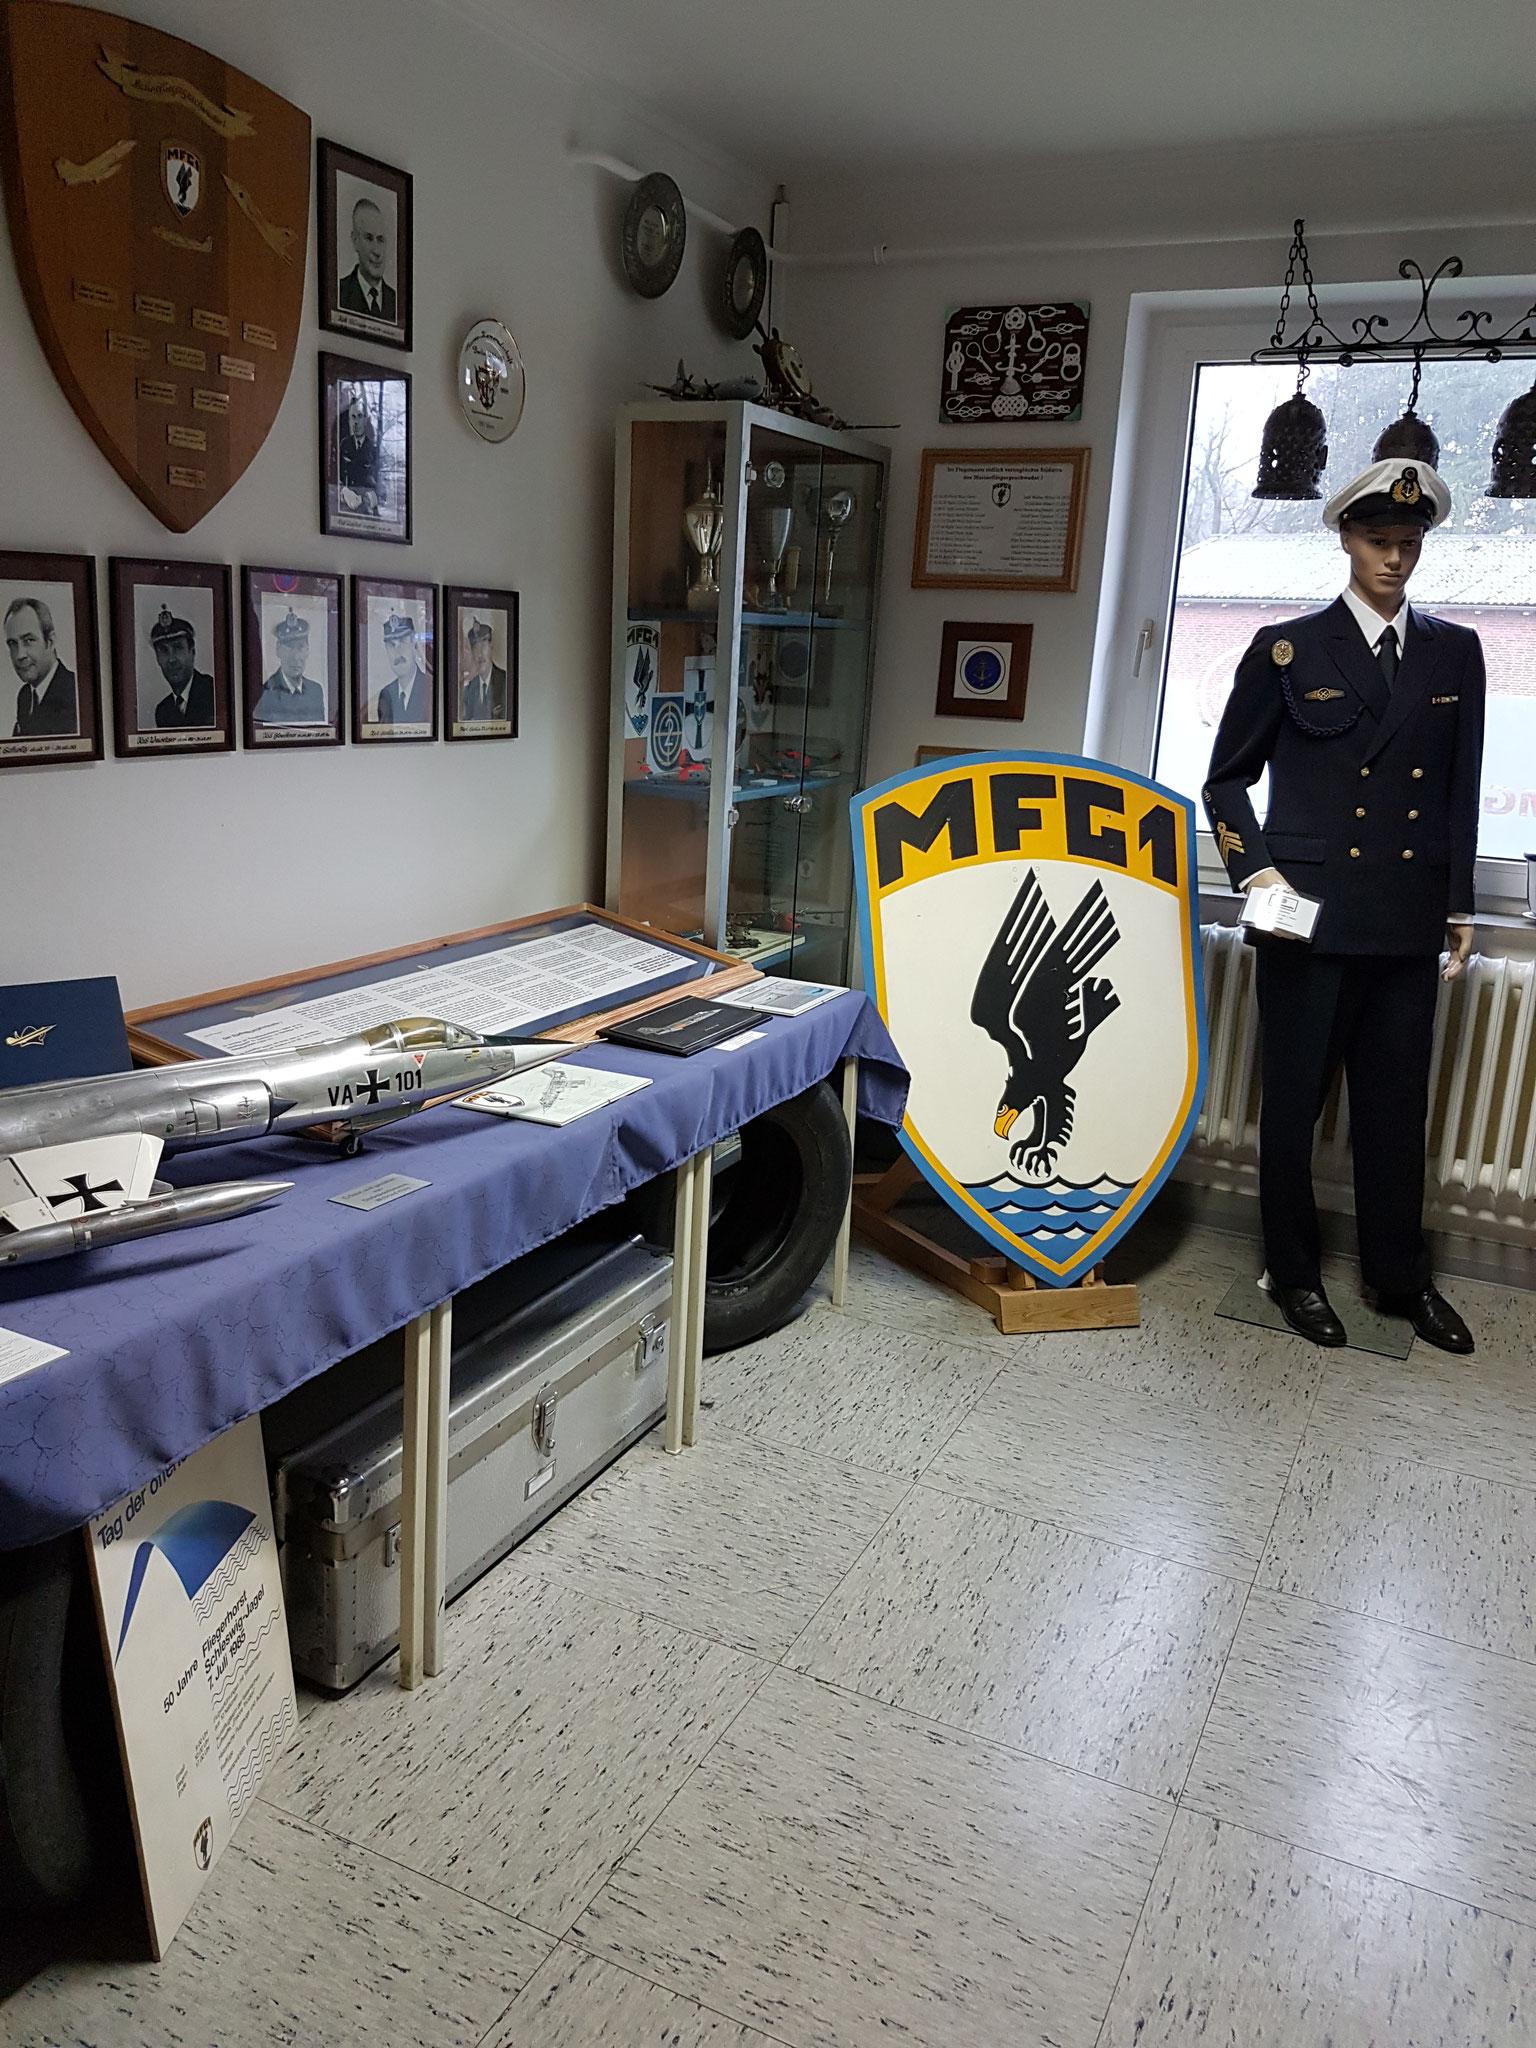 Ausstellungsabschnitt 10 - Das Marinefliegergeschwader 1